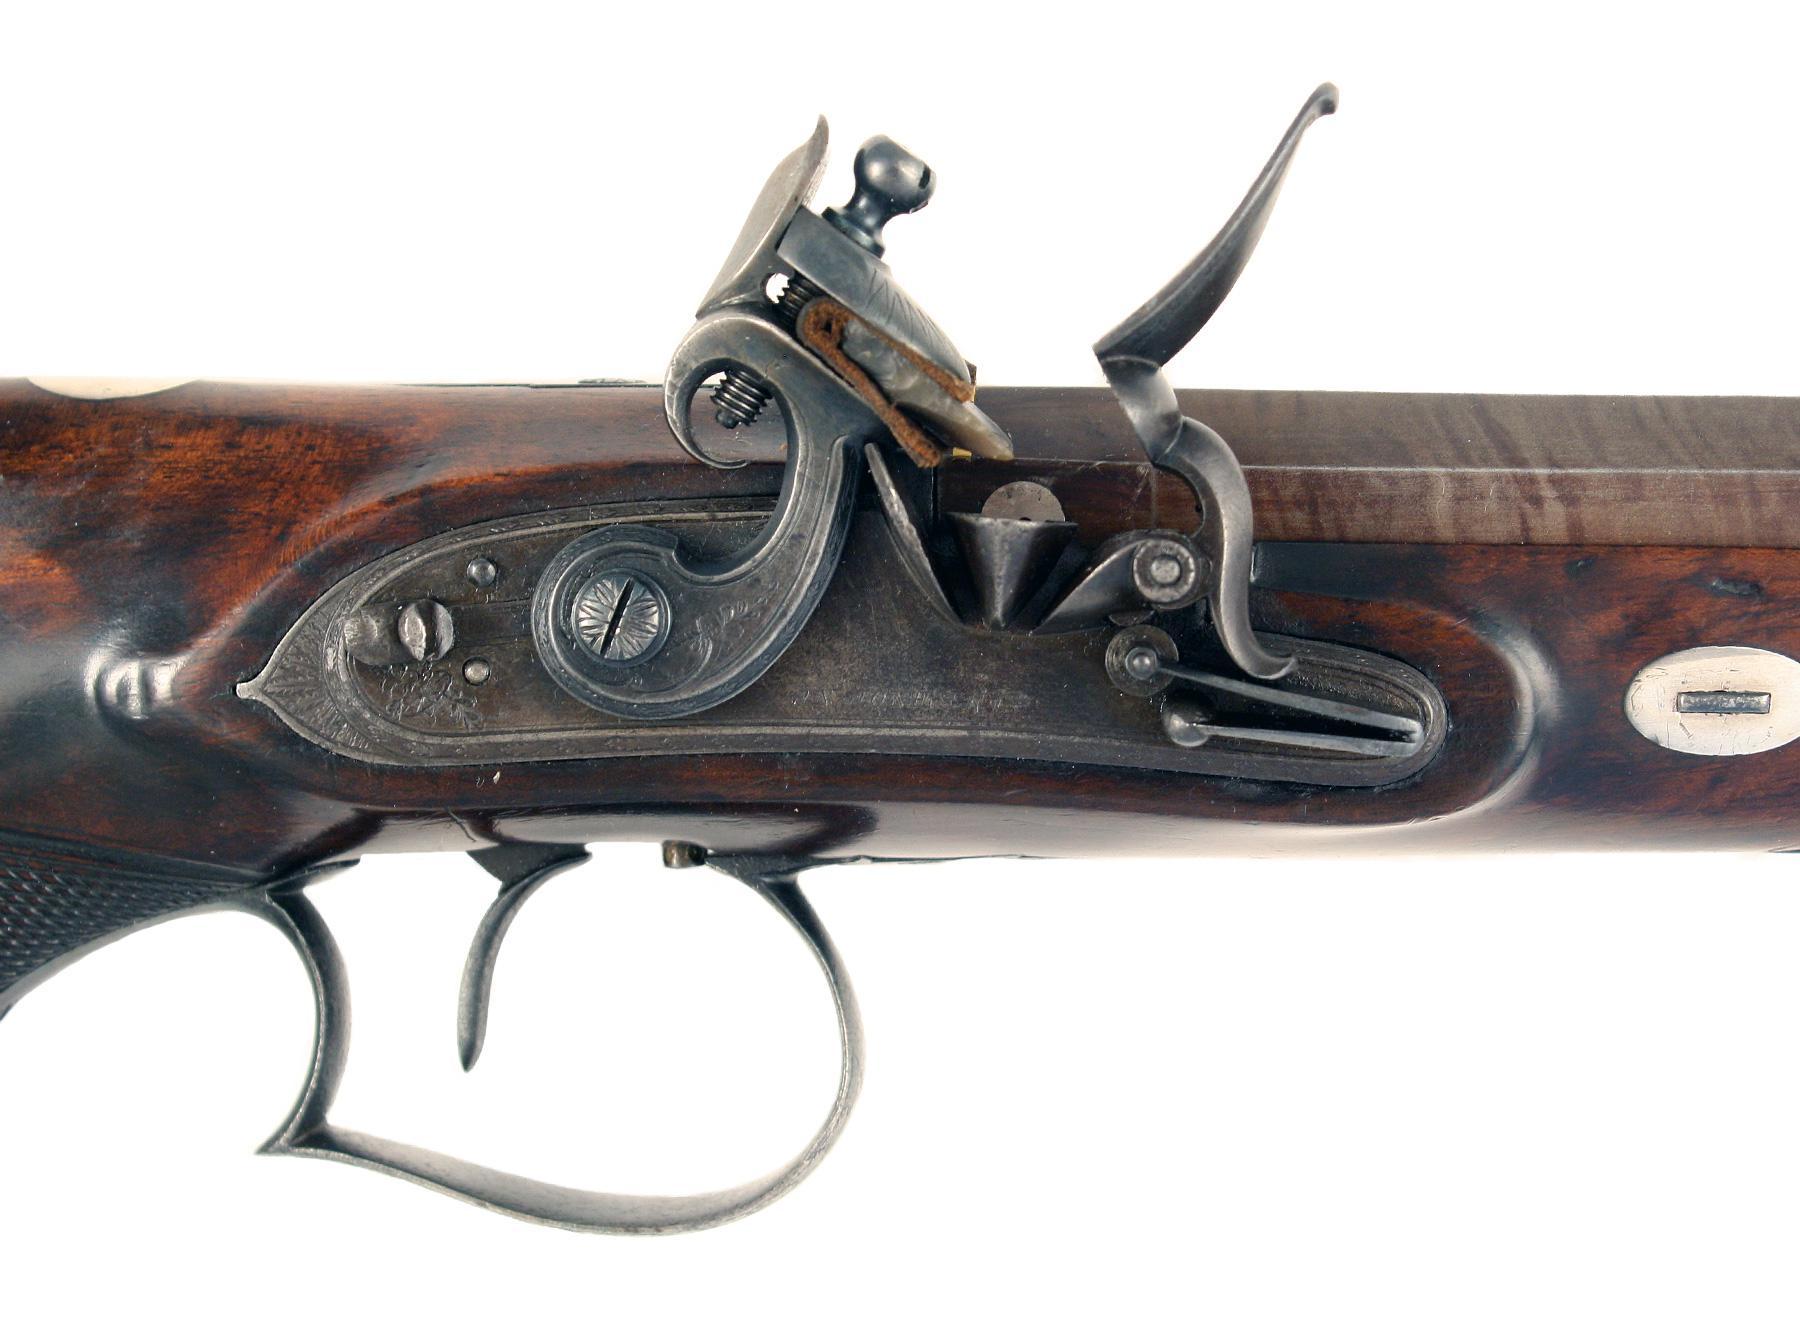 A Flintlock Duelling Pistol by Jones & Co.